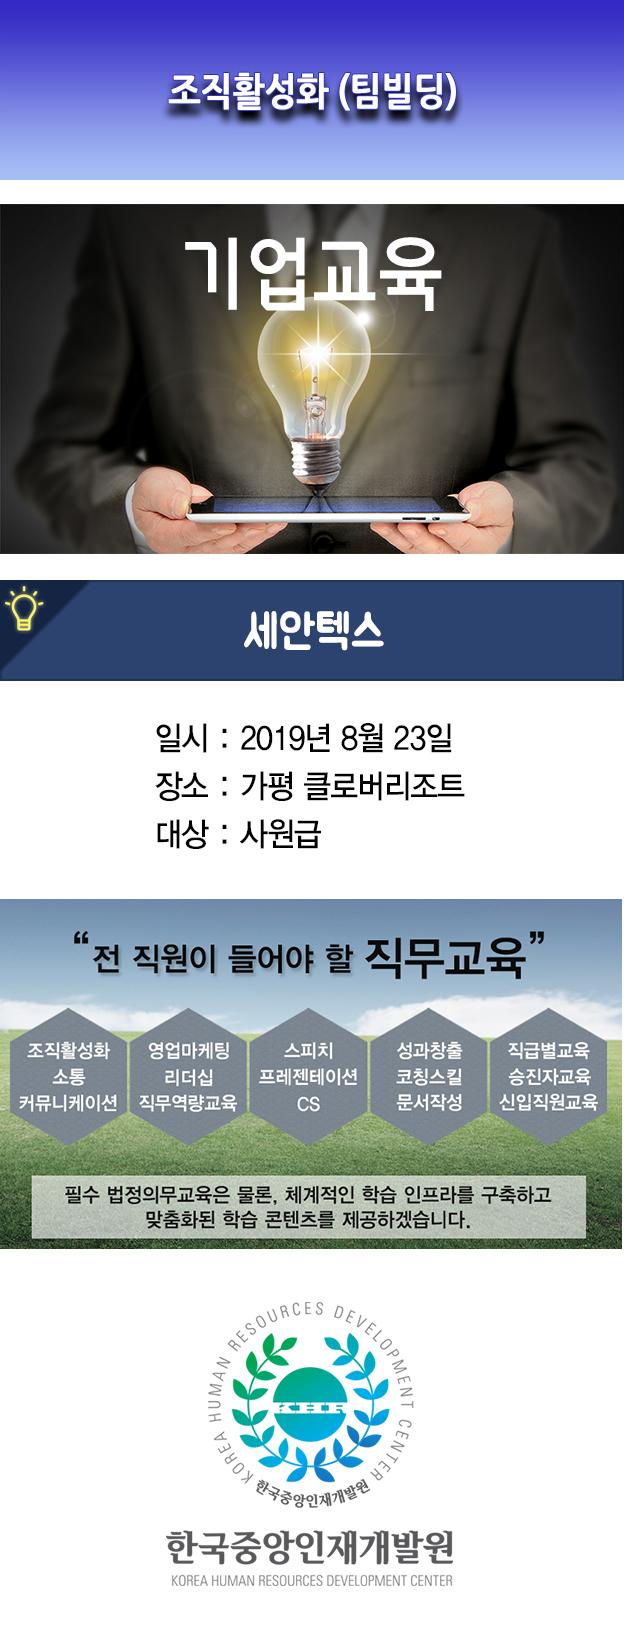 한국중앙인재개발원 공지사항_세안텍스.jpg